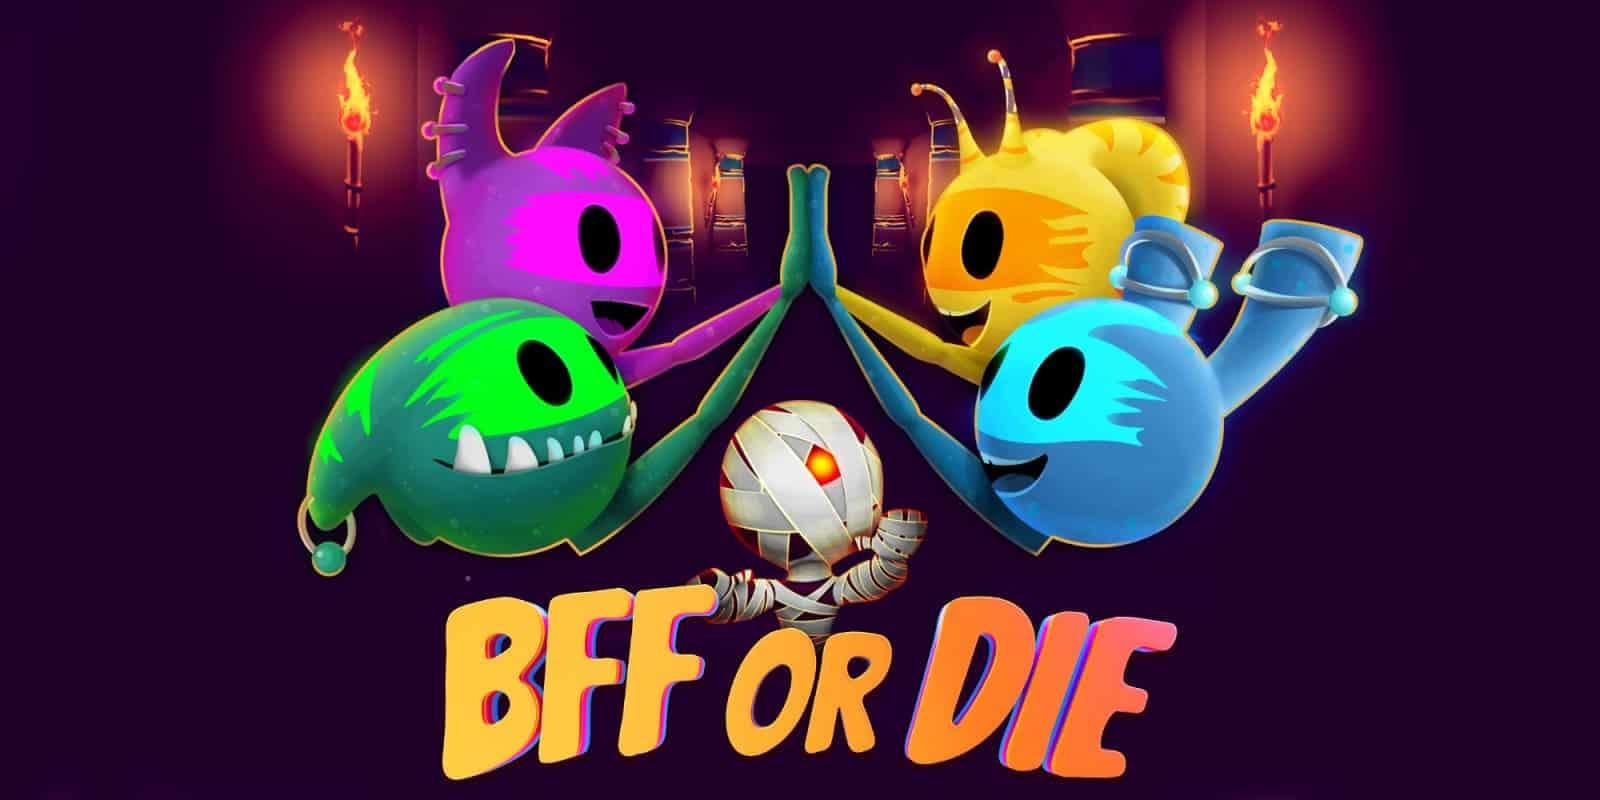 BFF or Die обзор игры